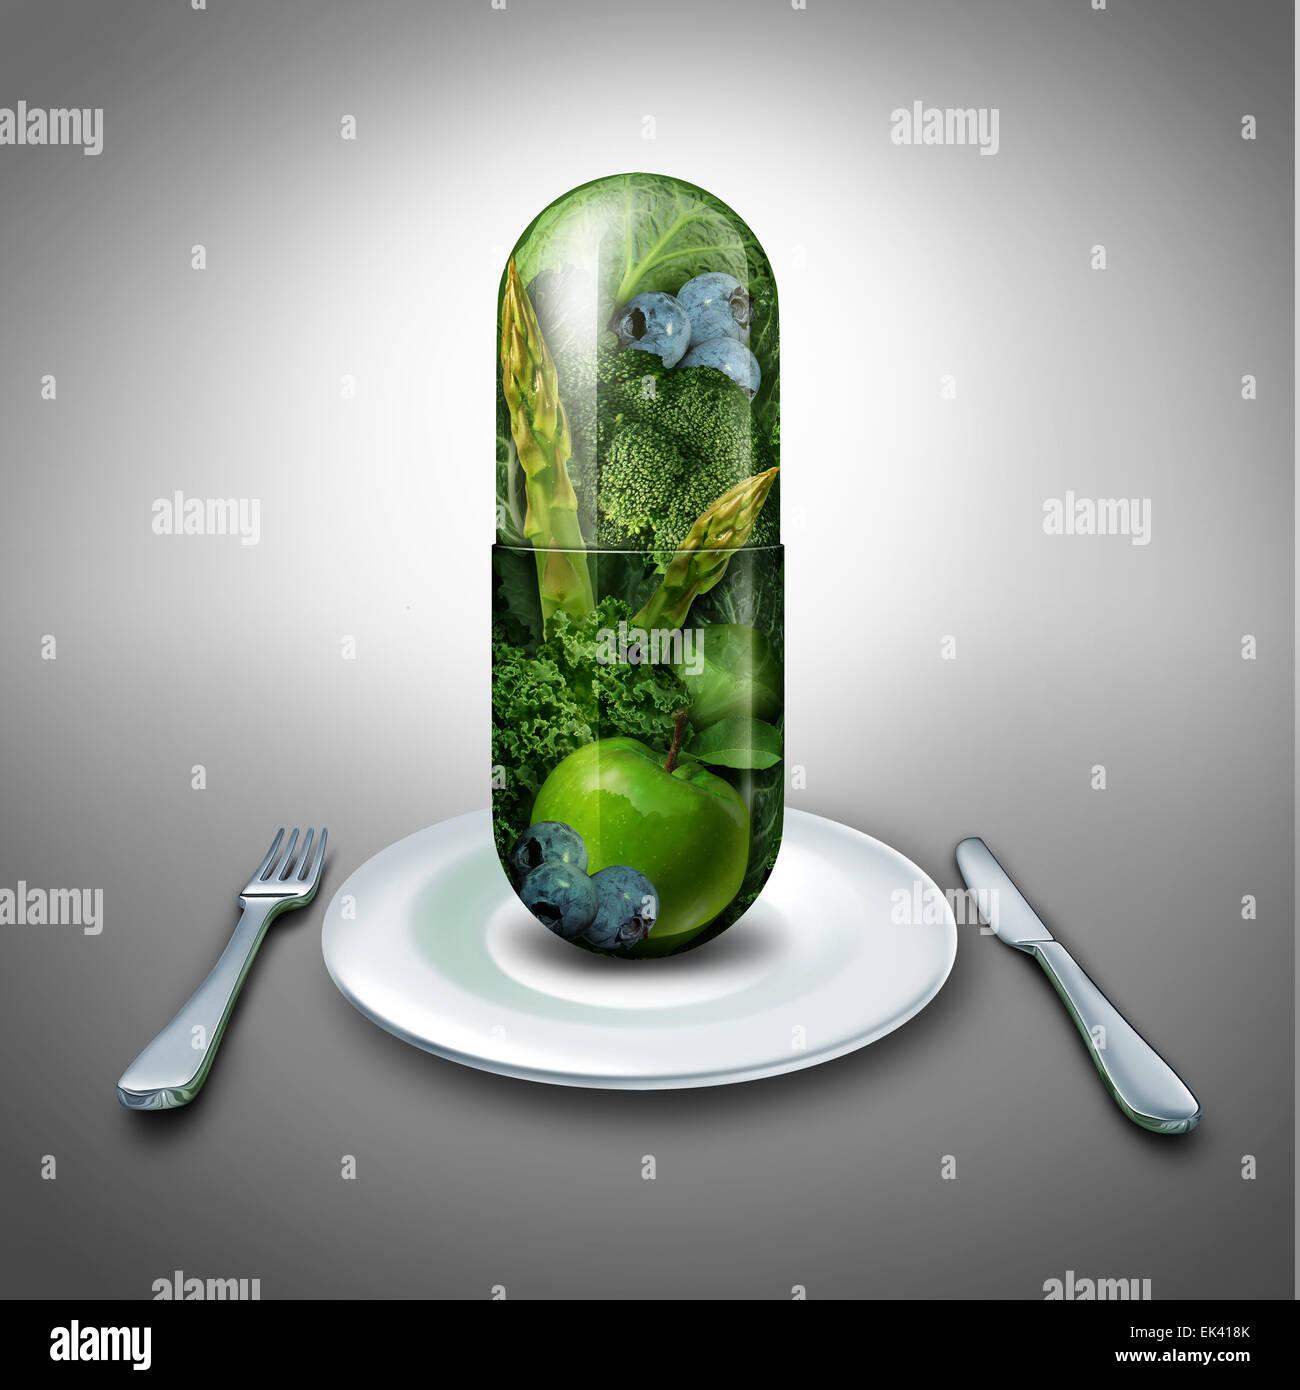 Suplemento alimenticio concepto como una gigantesca pastilla o cápsula de medicina con frutas y hortalizas Imagen De Stock